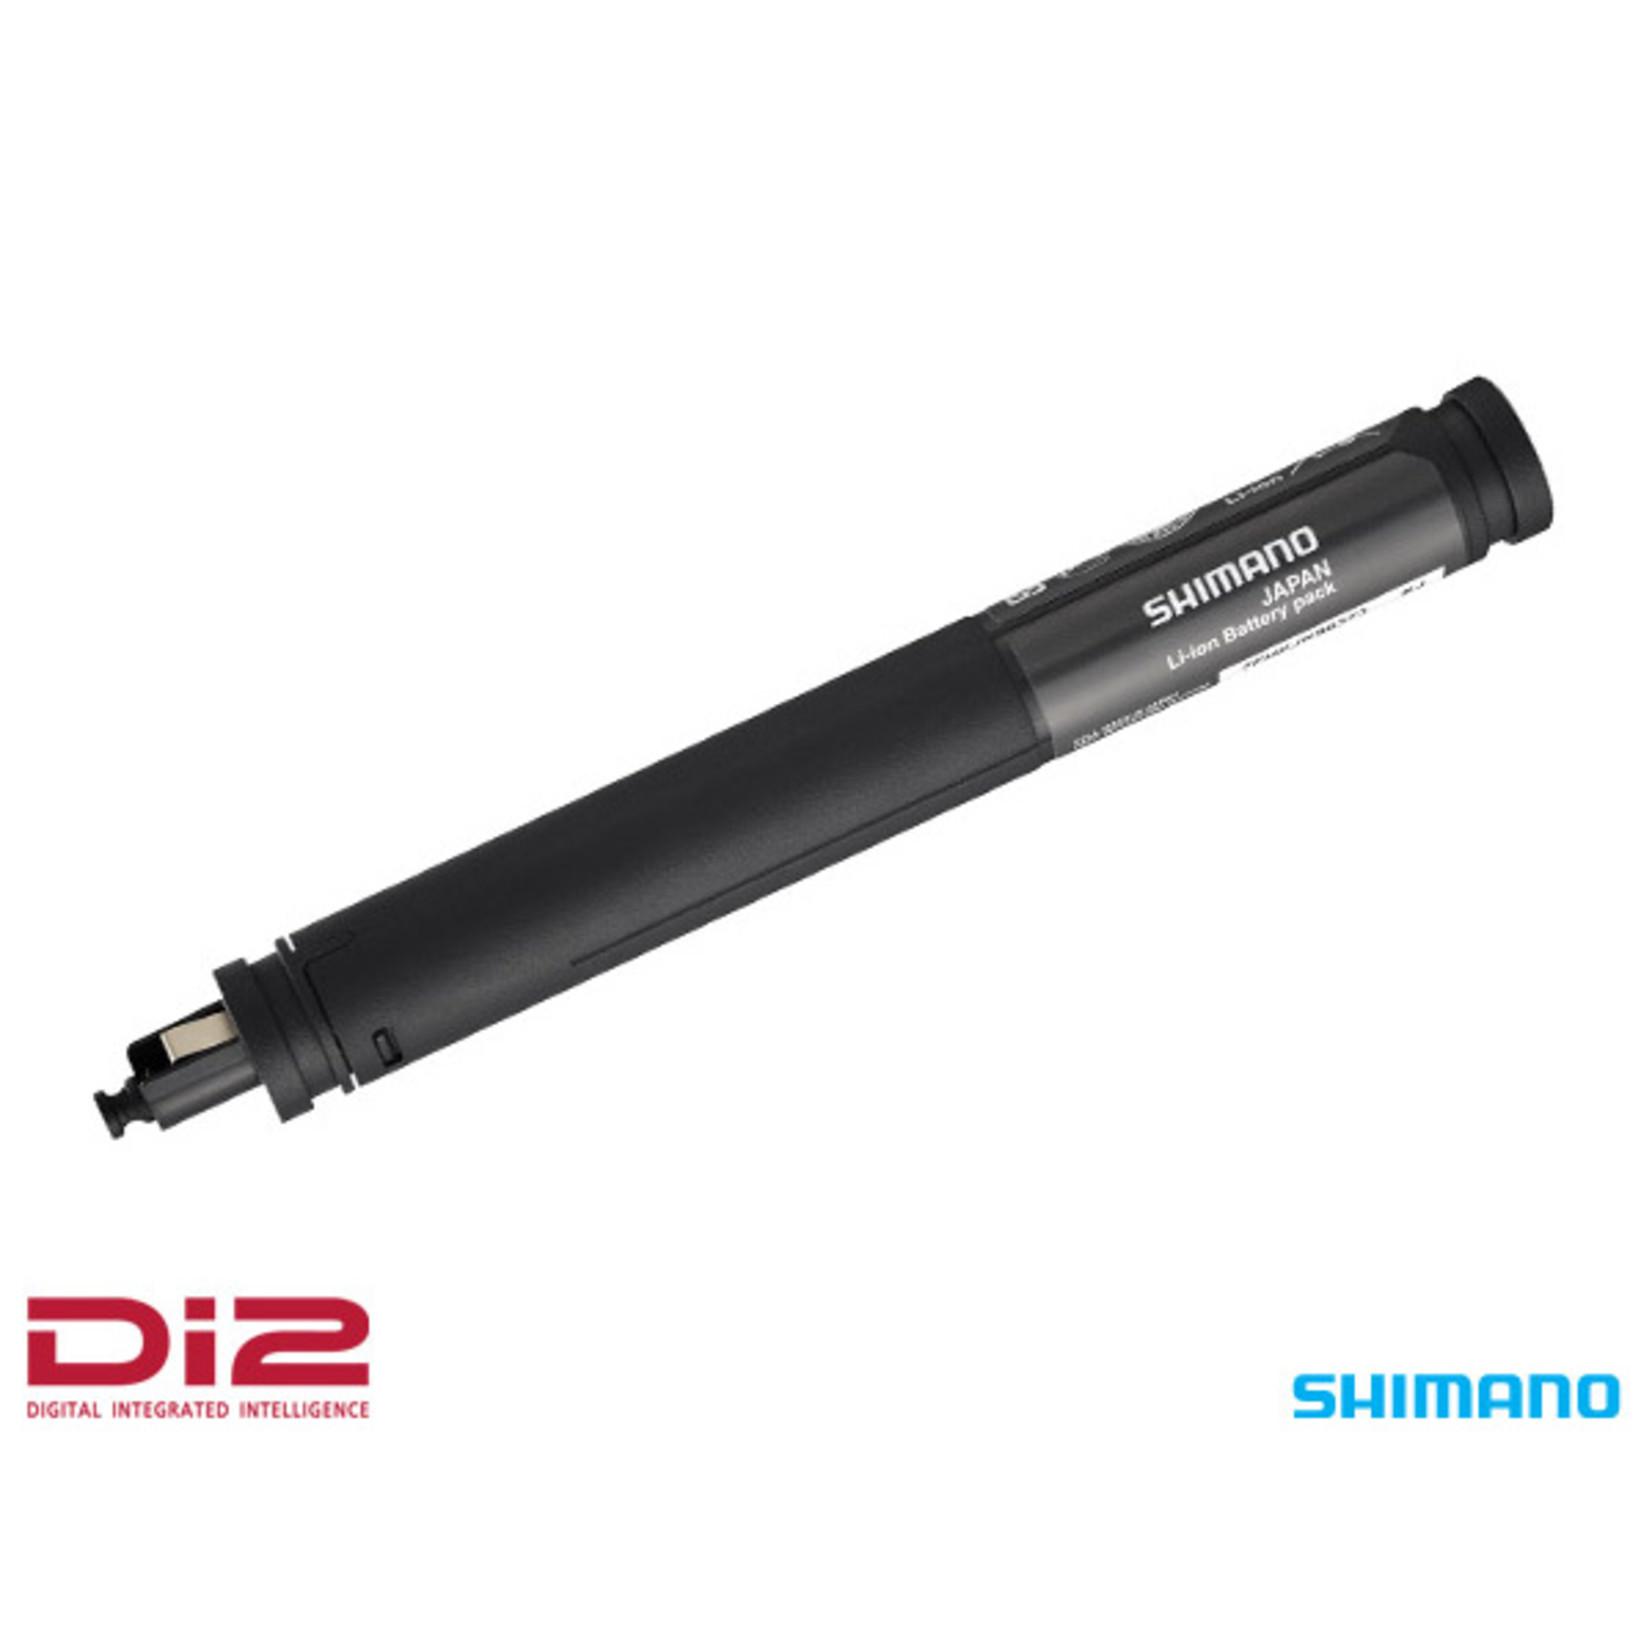 Shimano Shimano, BT-DN110 Battery - Di2 Internal Type